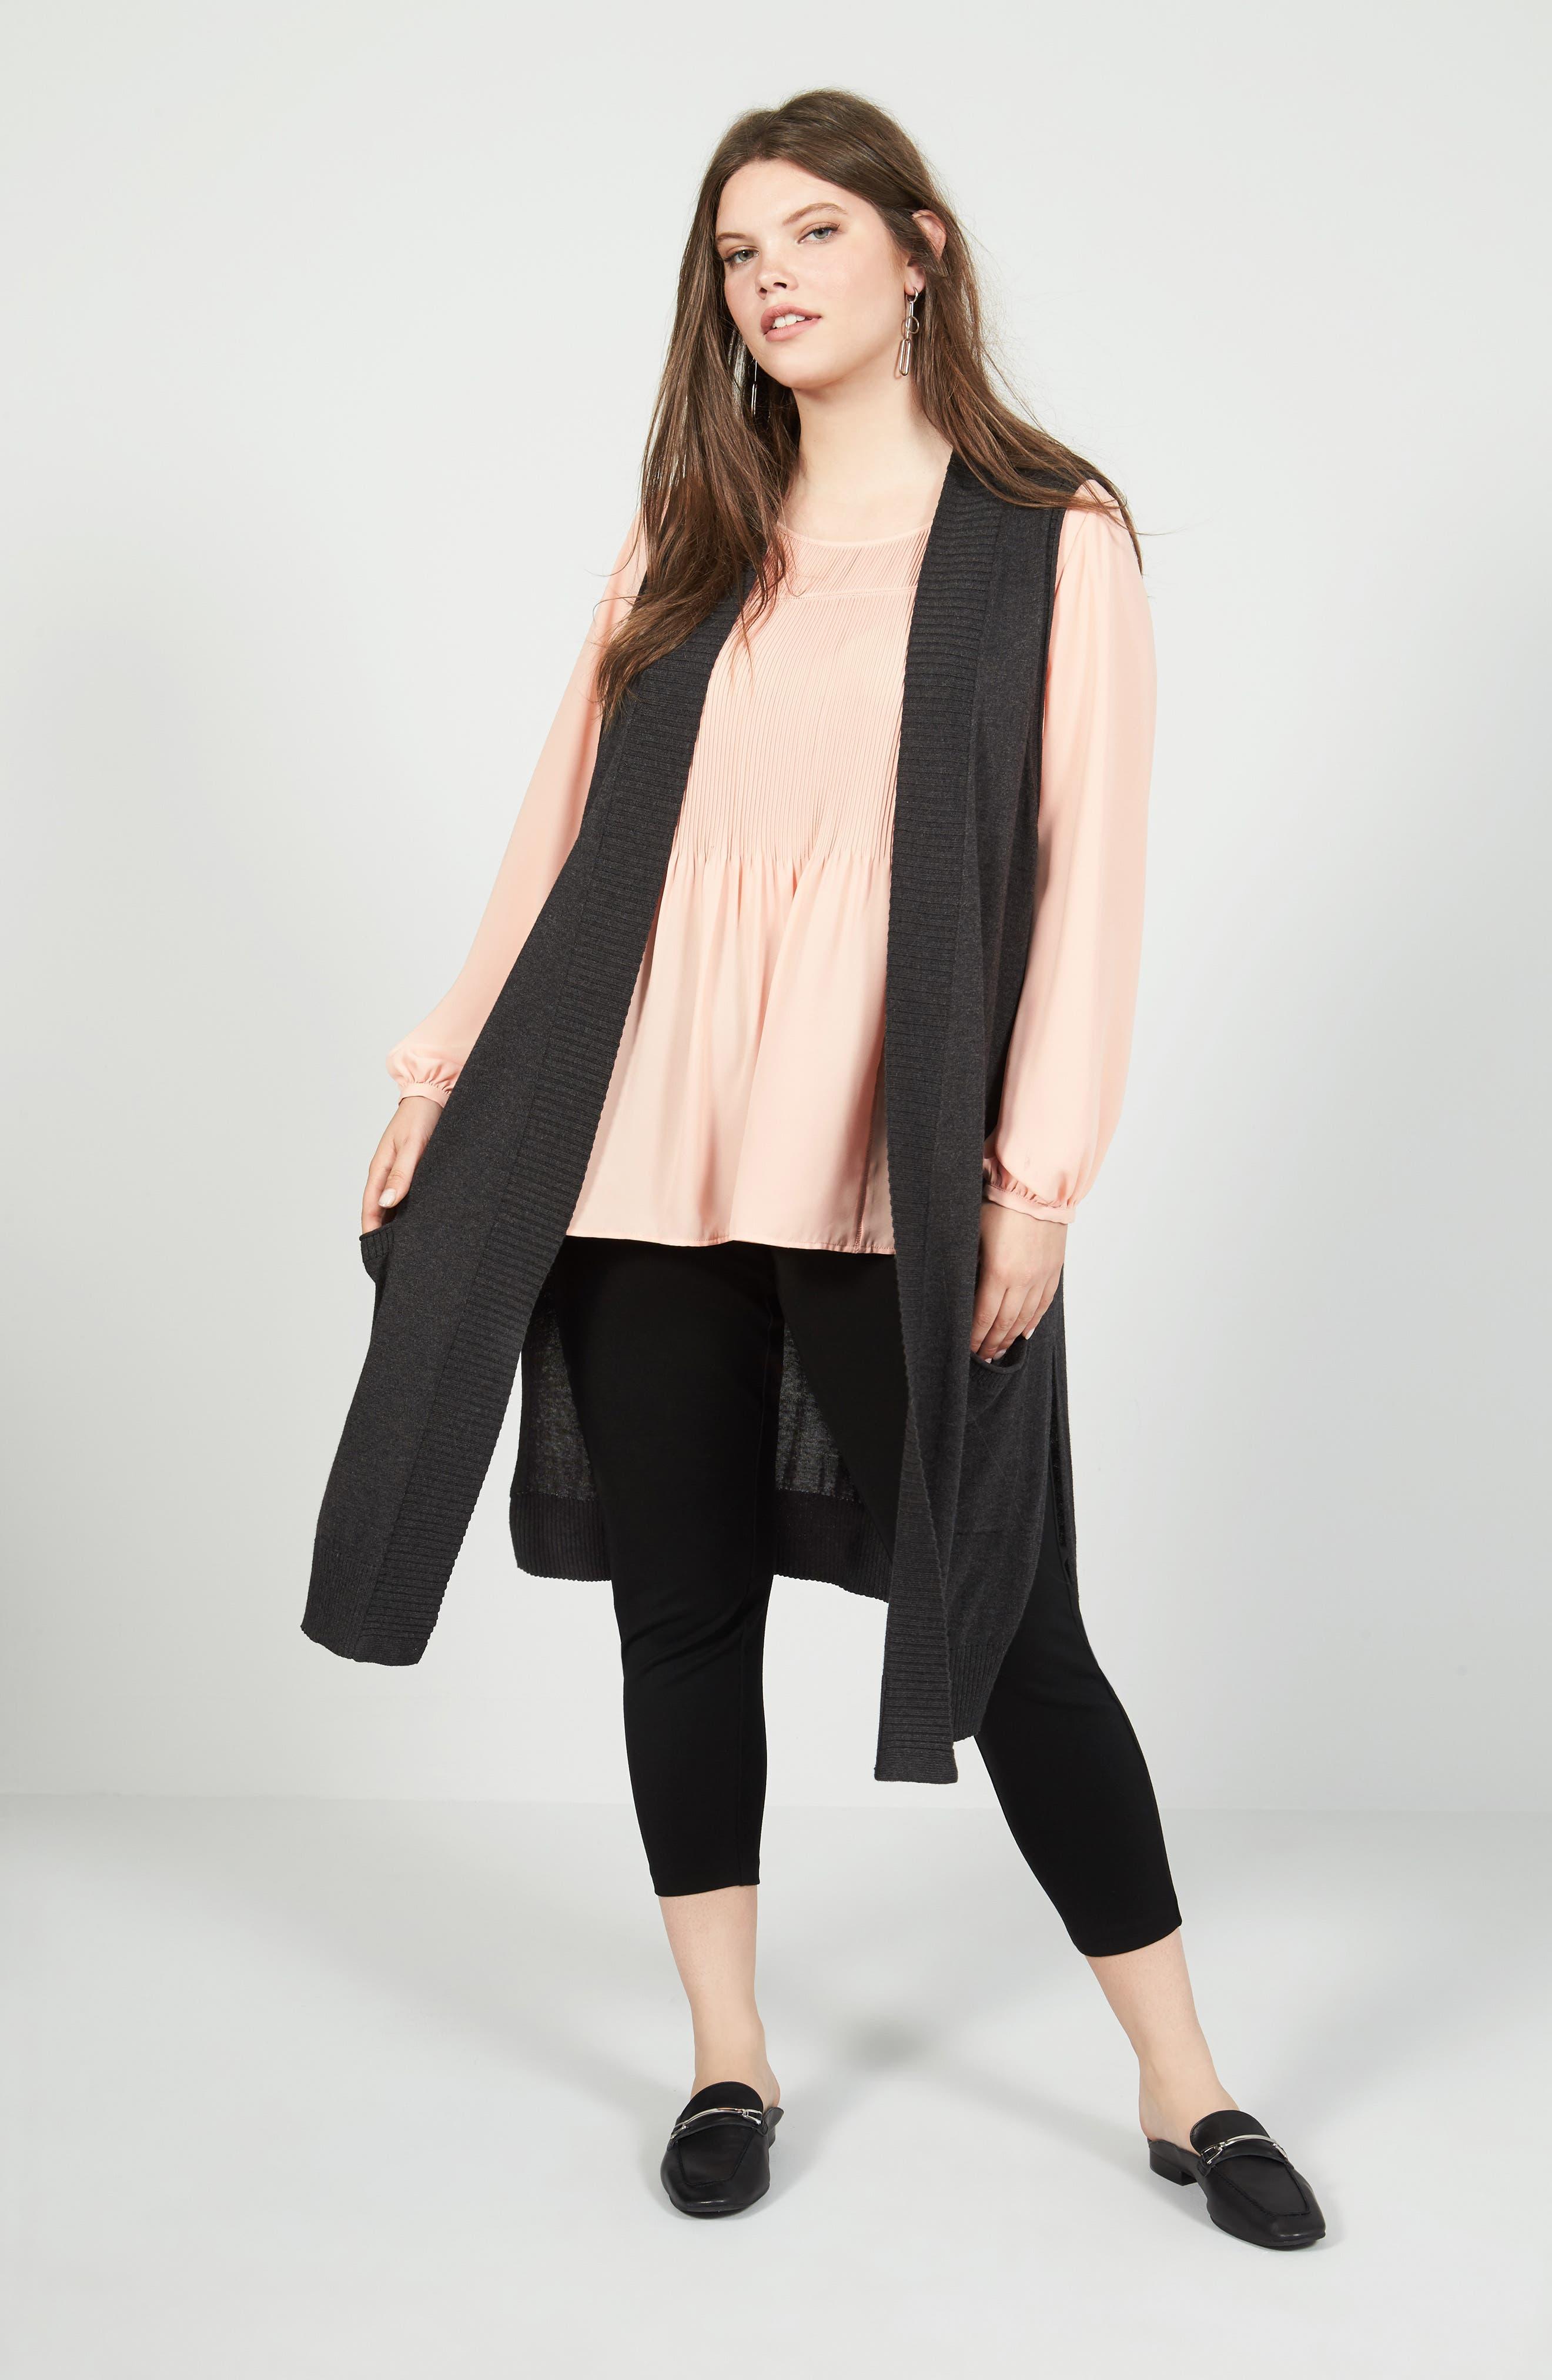 Sejour Vest, Blouse & Leggings Outfit with Accessories (Plus Size)